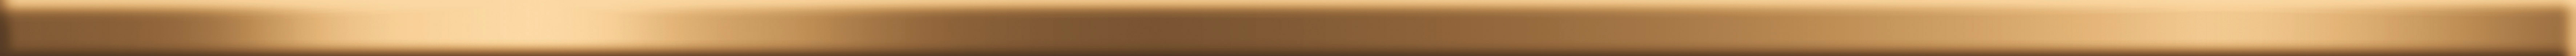 Купить Керамическая плитка AltaСera Tenor Gold BW0TNR09 бордюр 1, 3x60, Россия